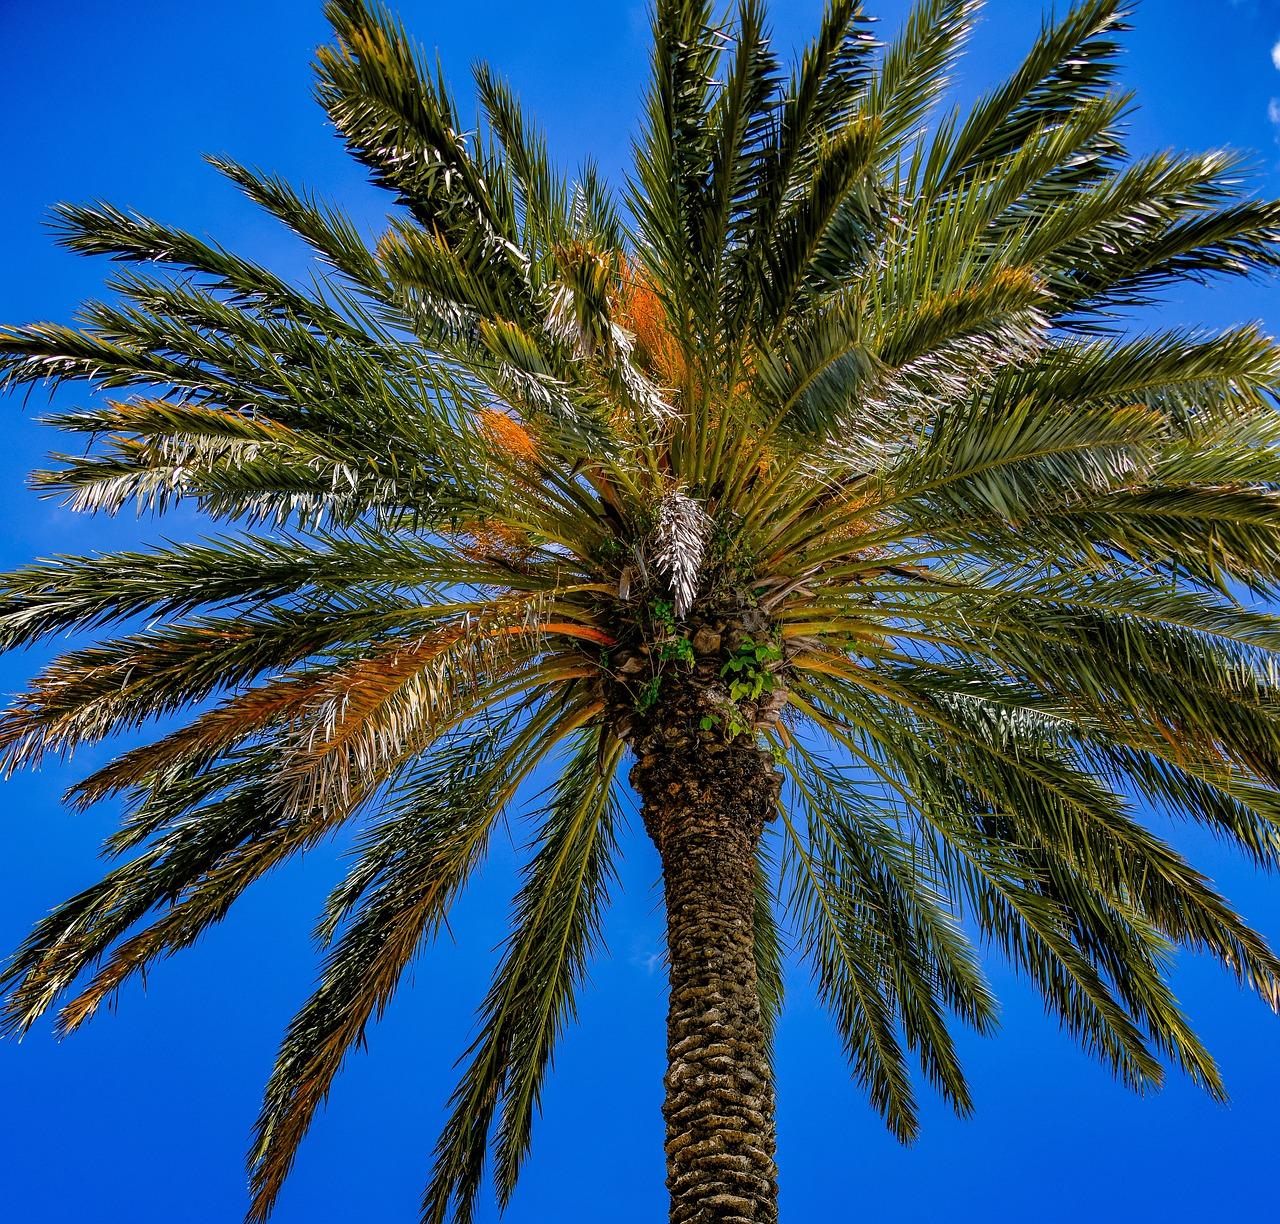 пальмовые деревья картинки люди приобретают